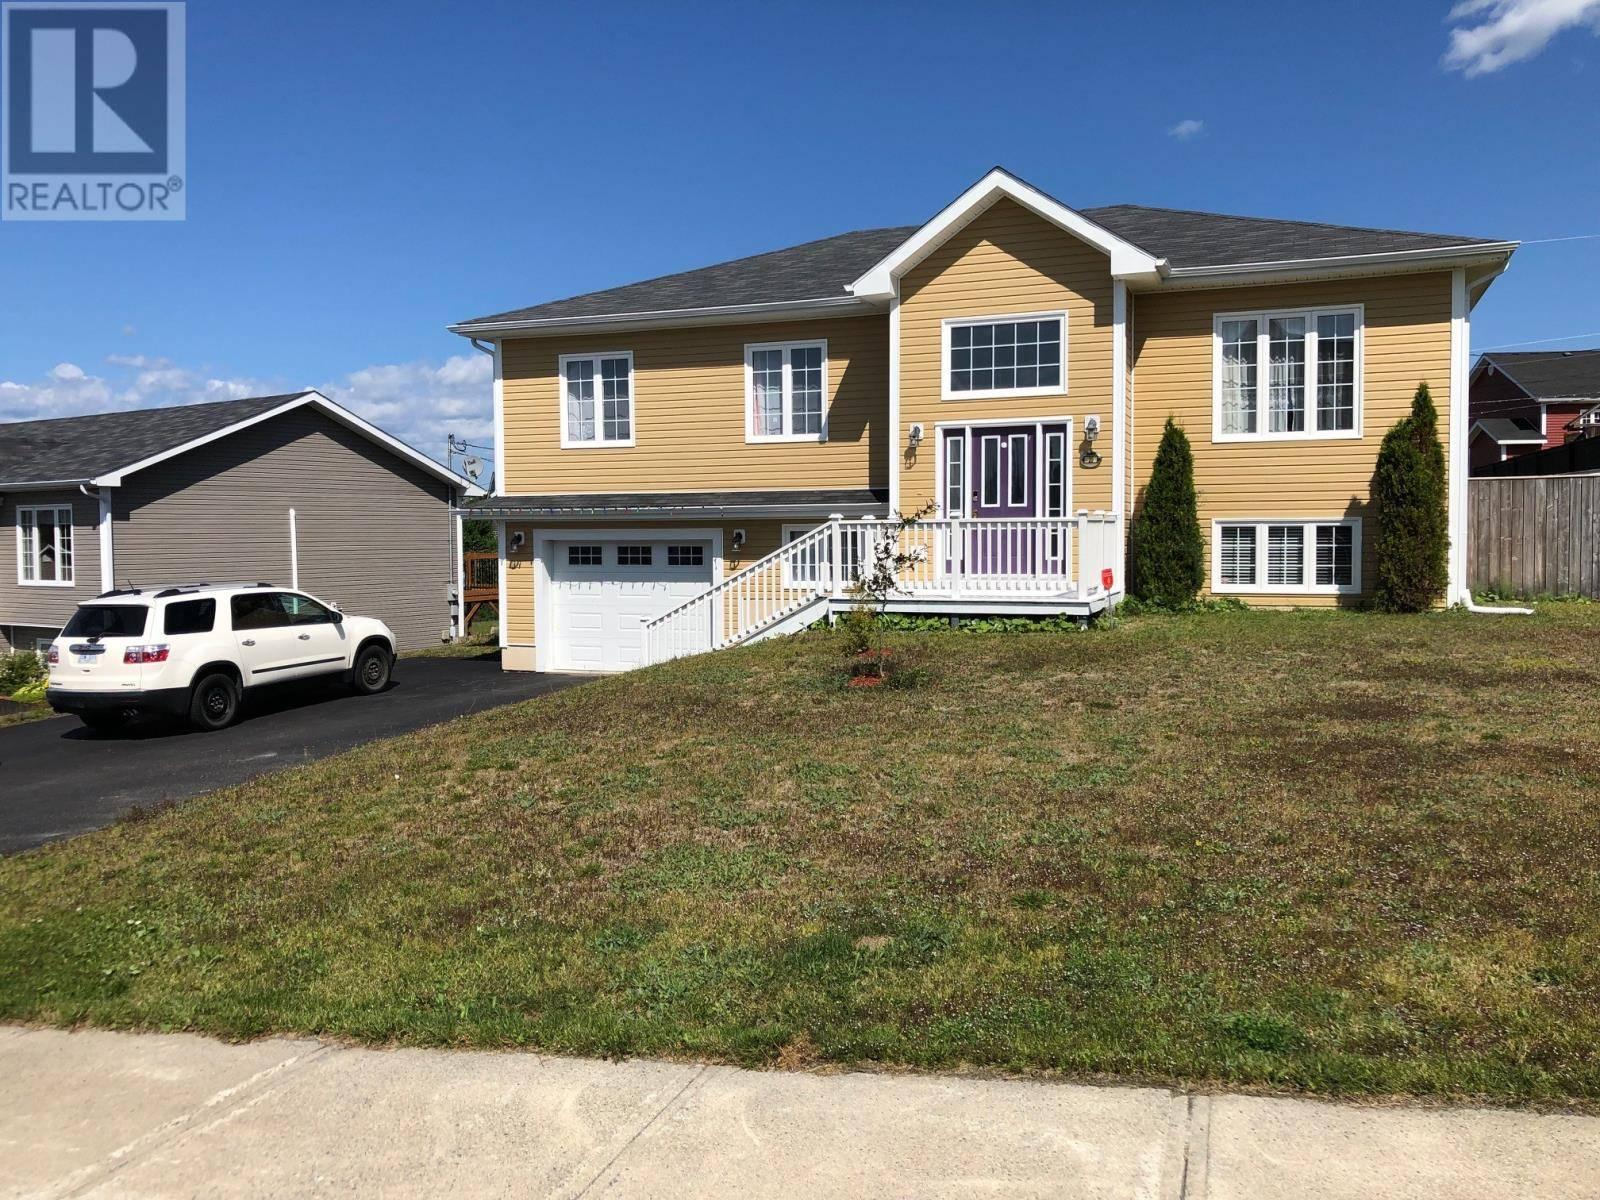 House for sale at 20 Mchugh St Grand Falls-windsor Newfoundland - MLS: 1201285